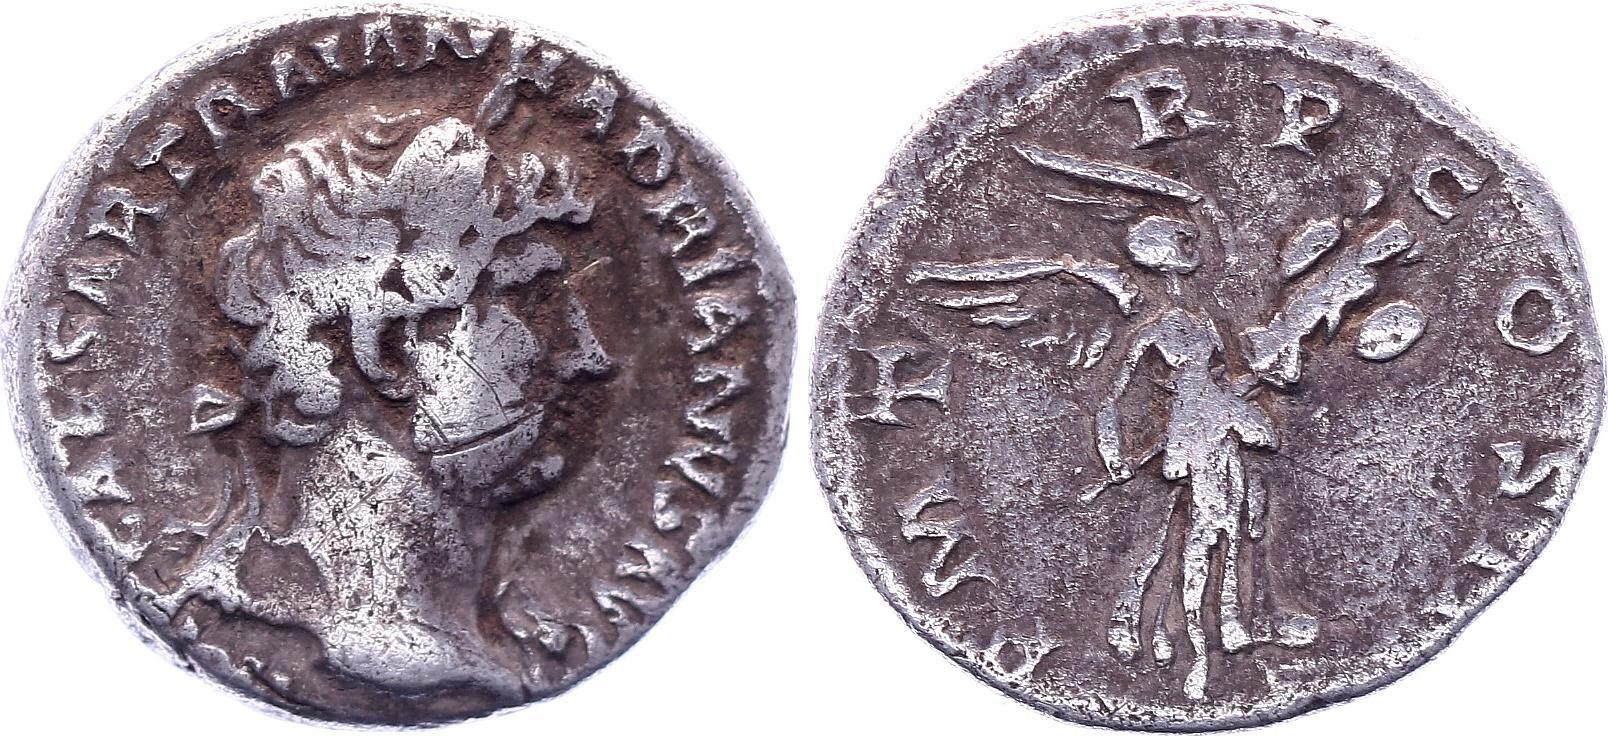 Rome Empire Denier, Hadrien - 123 Rome